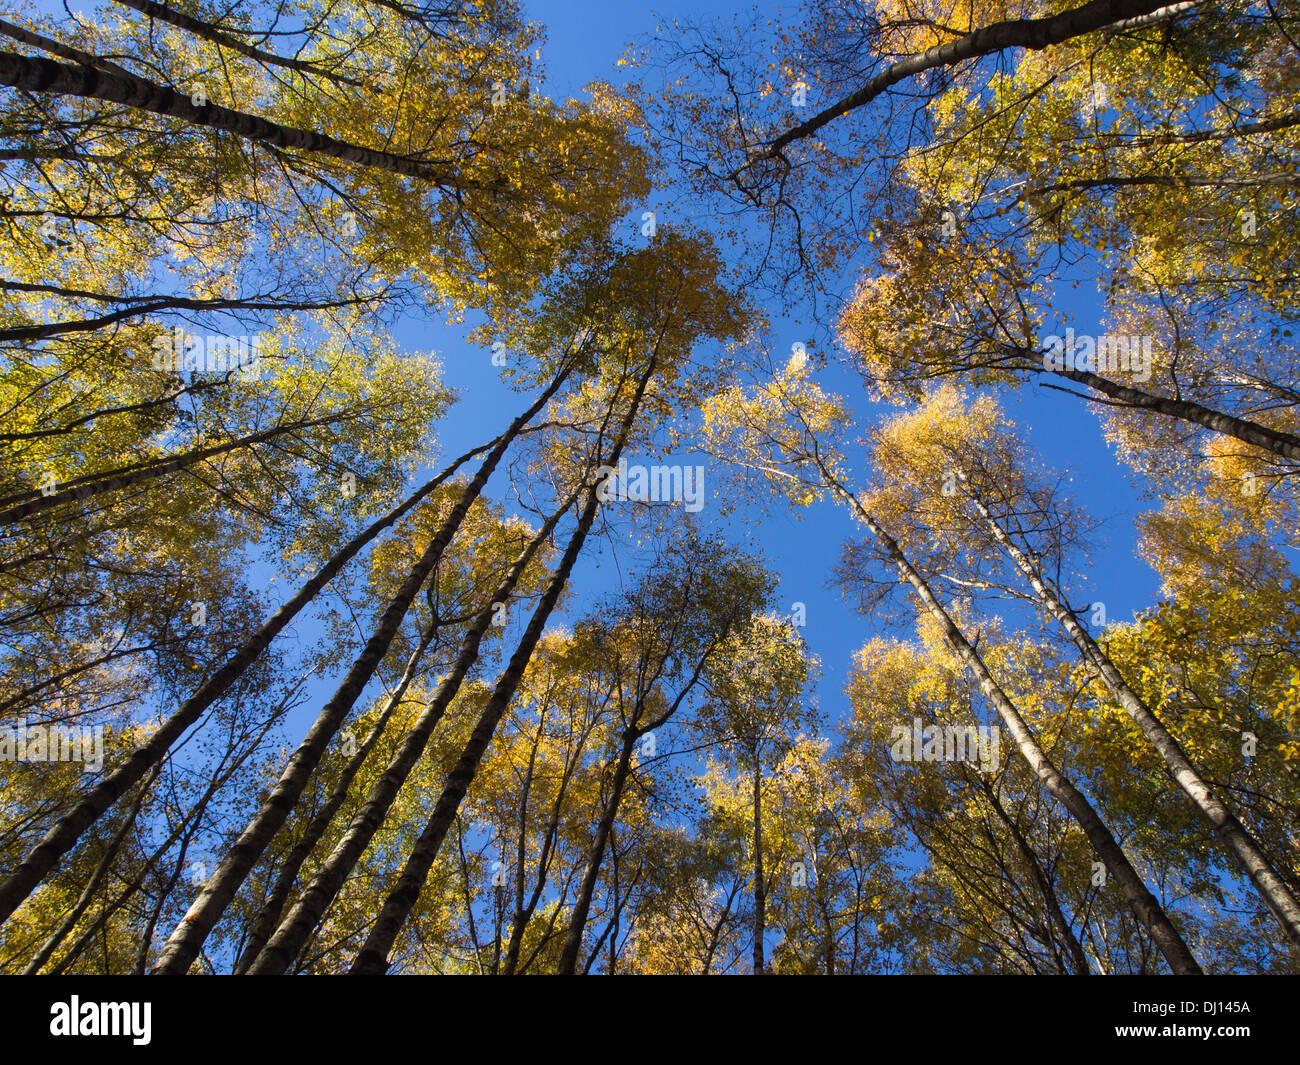 Herbst in einem Birkenwald auf Baumkronen mit gelben Blättern und ein blauer Himmel, Oslo Norwegen Stockbild